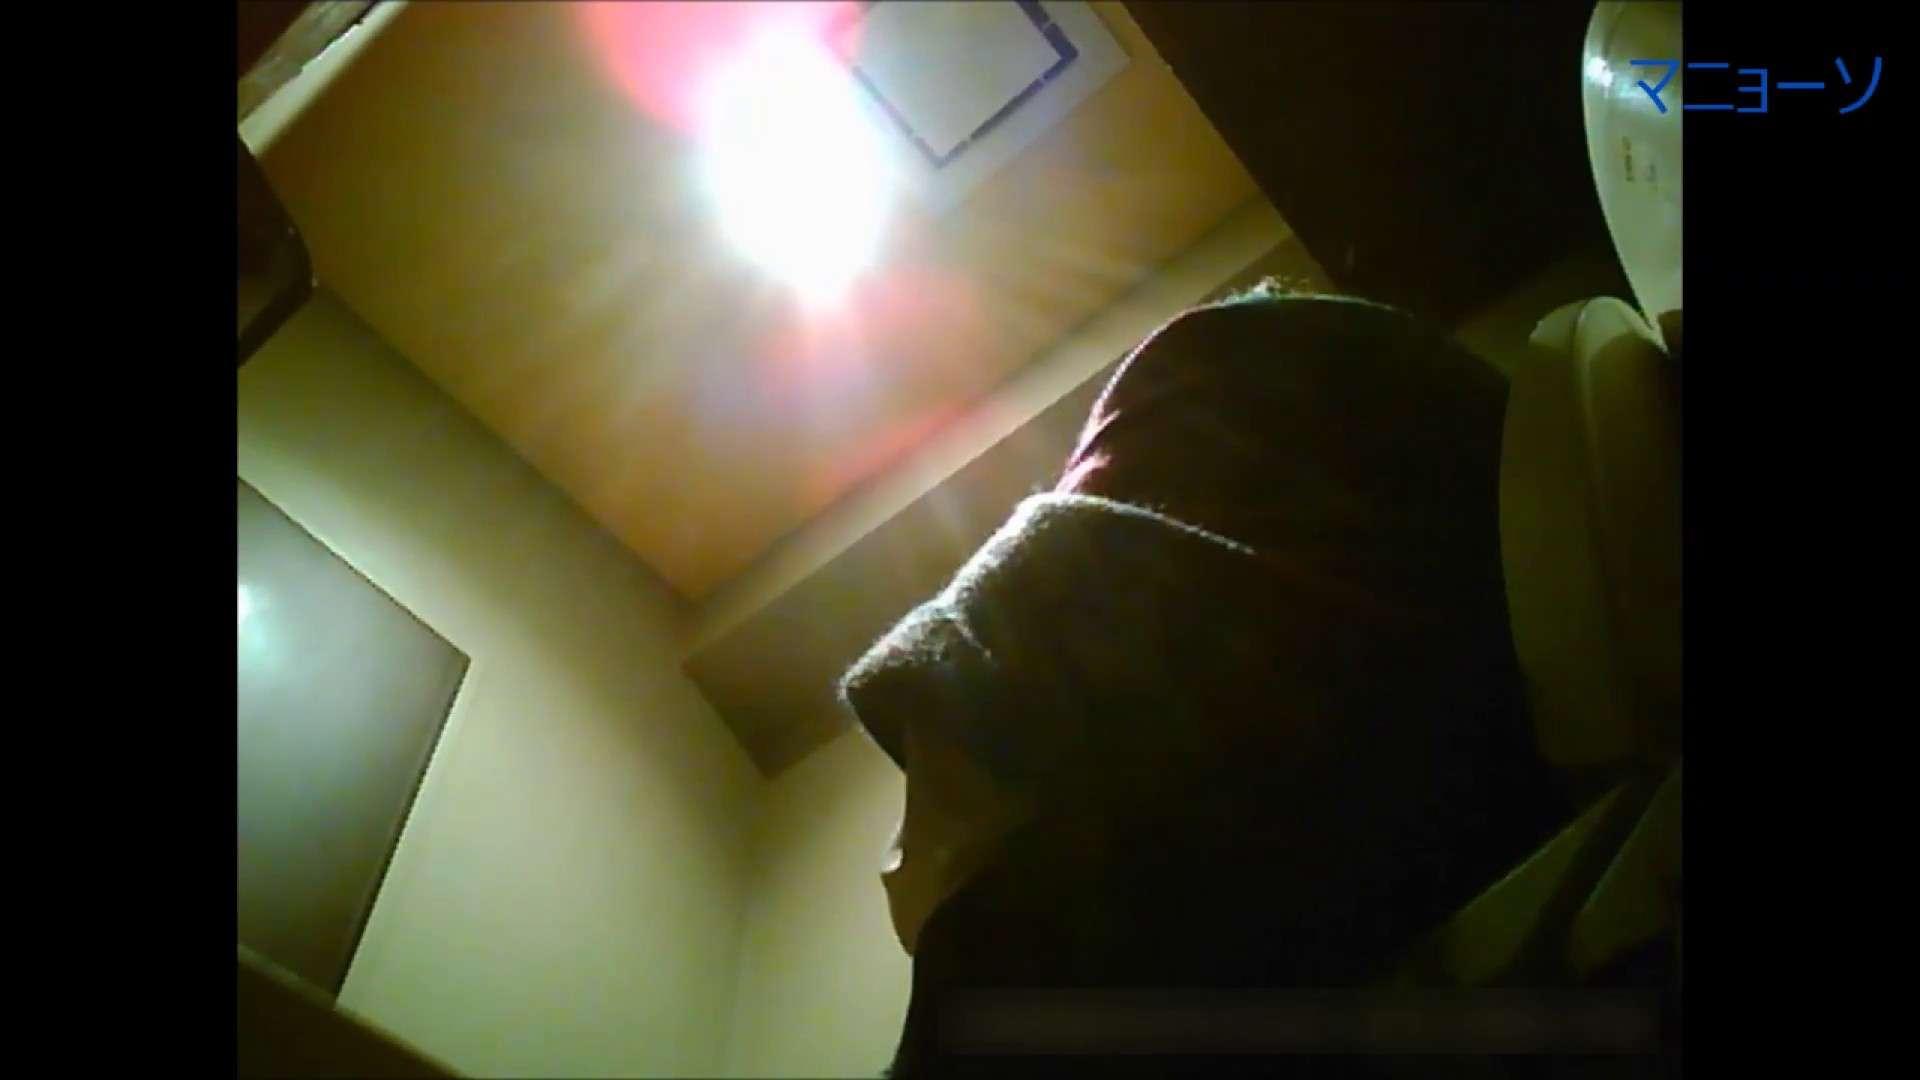 トイレでひと肌脱いでもらいました (JD編)Vol.01 OL  93pic 36